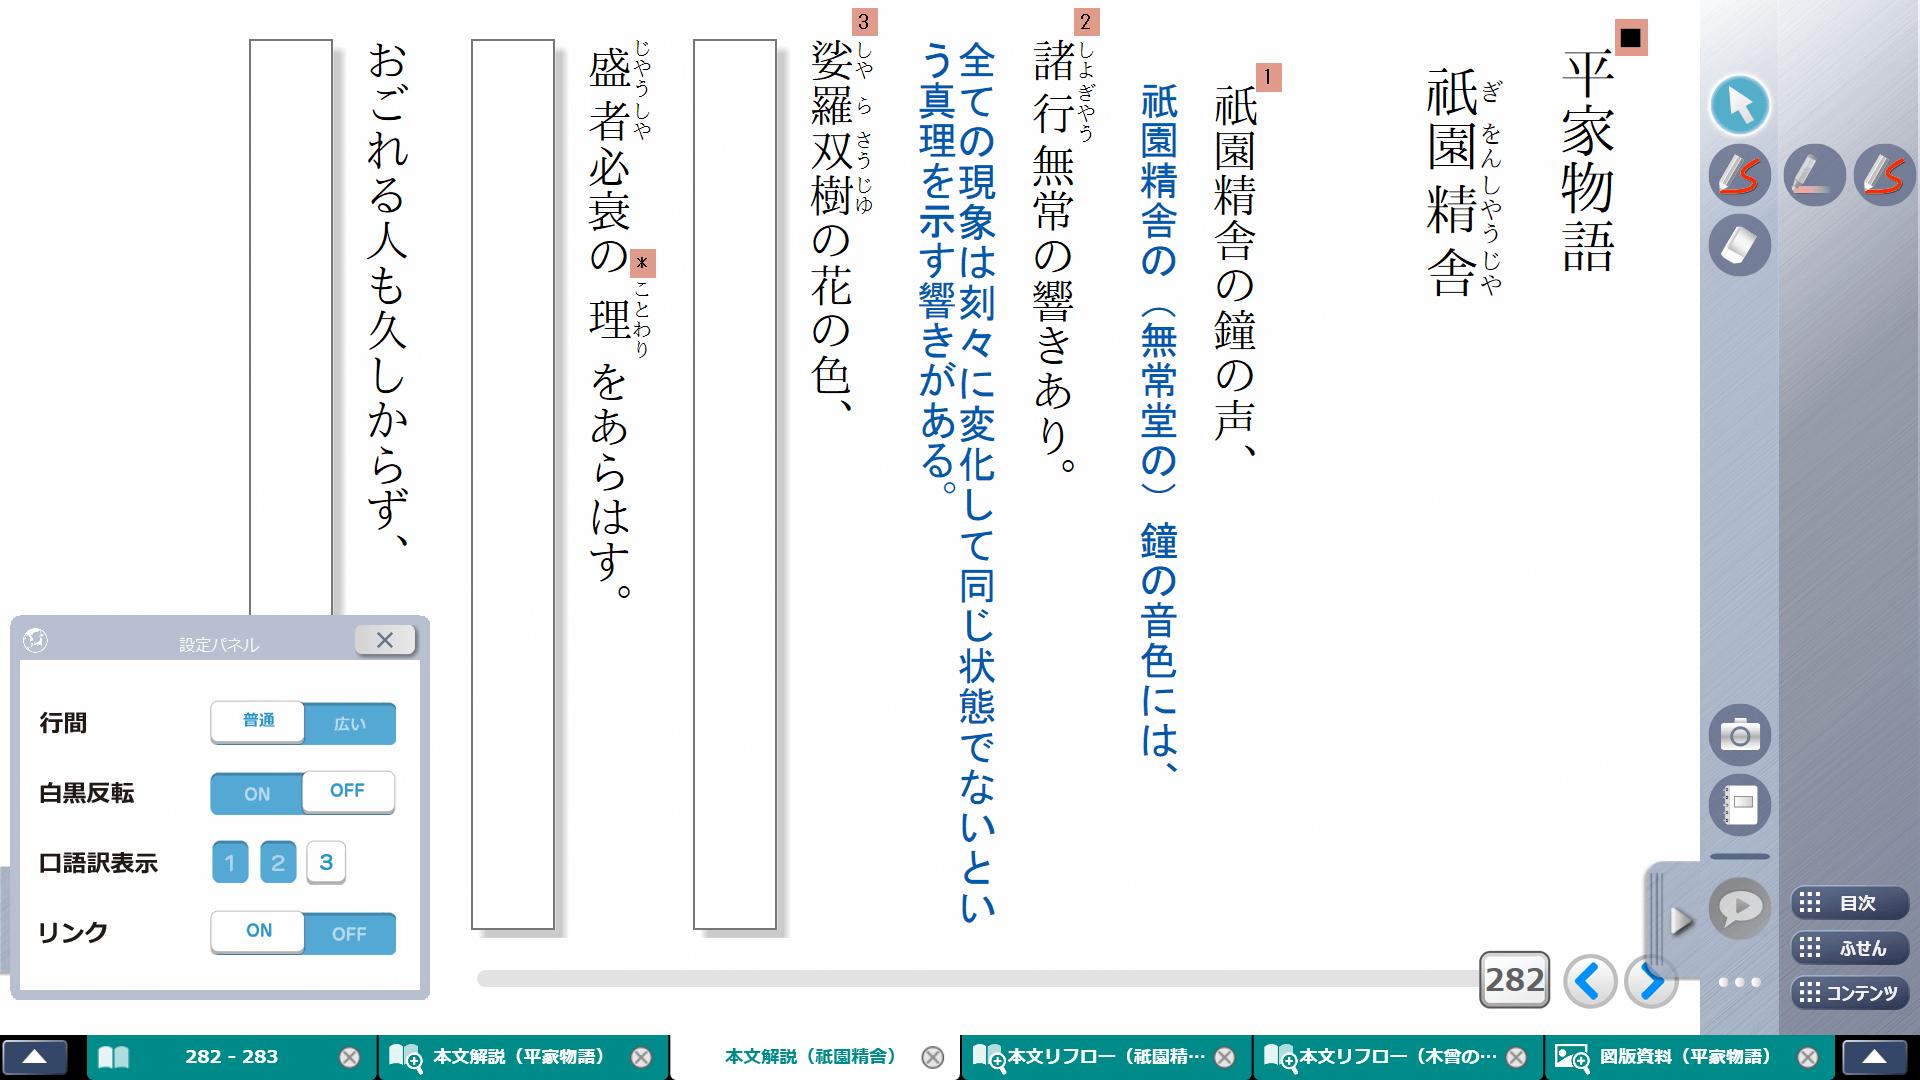 本文解説【古文,漢文のみ】